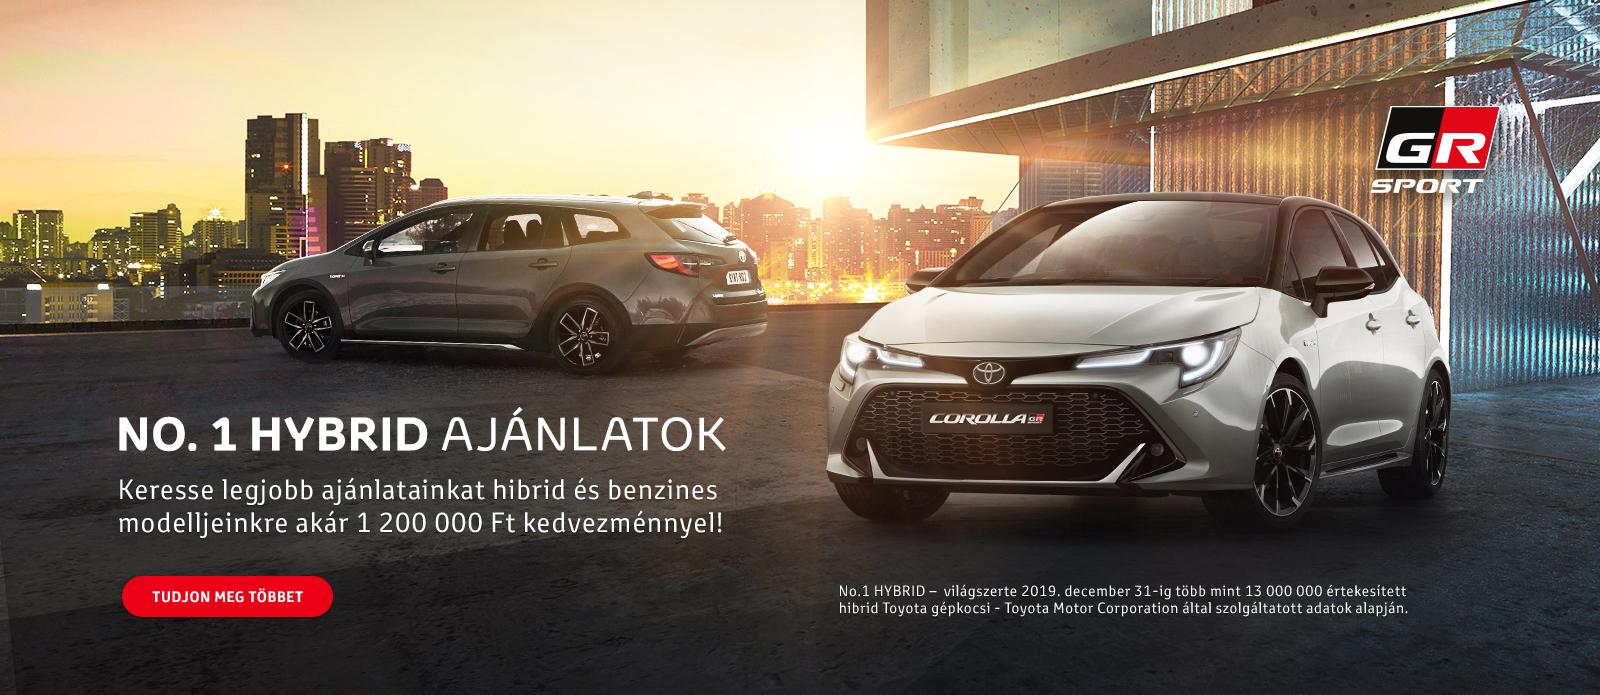 No1_hybrid_ajanlatok_1_2020.03